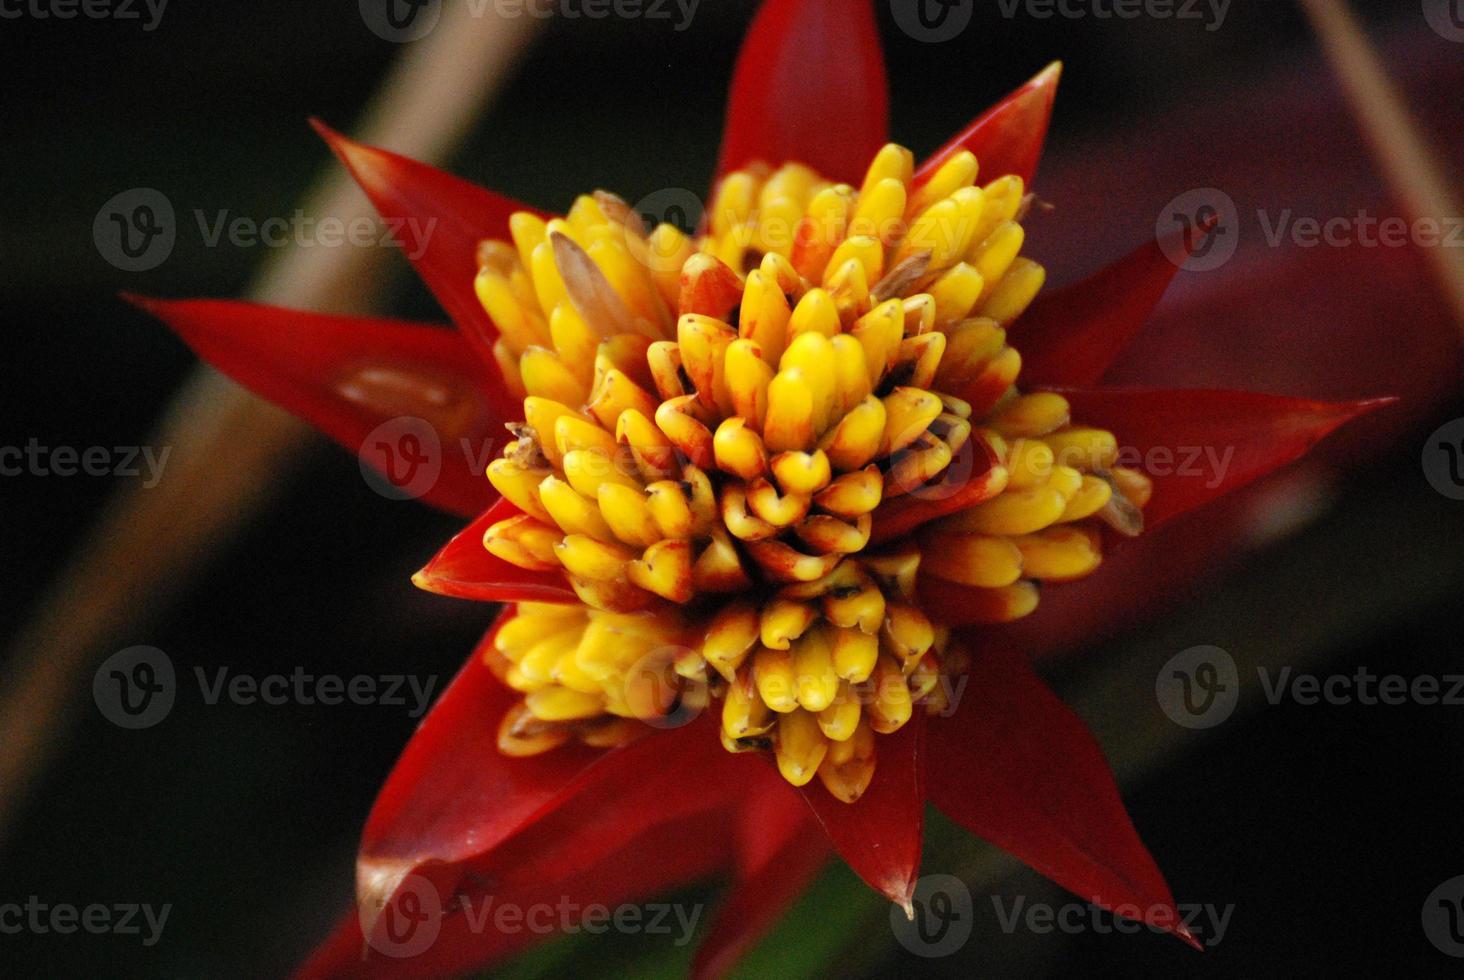 wilde bloemen foto